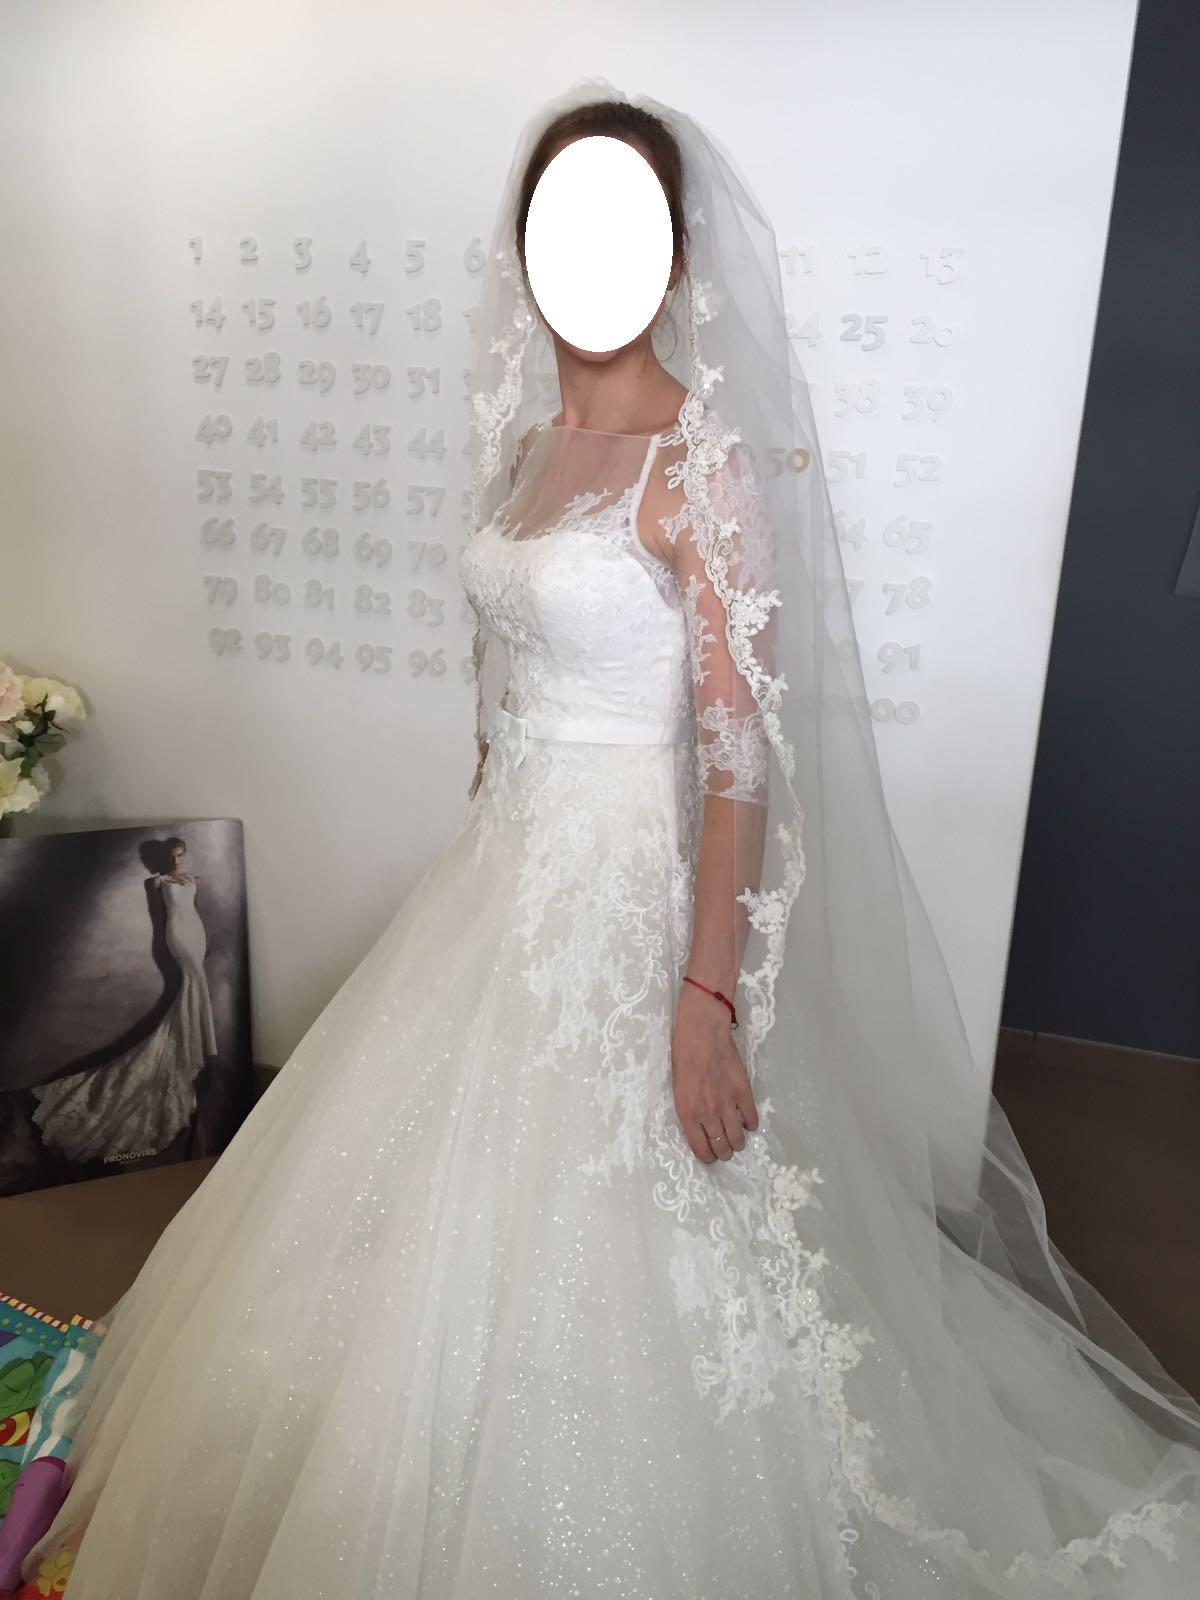 Svadobné šaty s čipkou, vlečkou, 3/4 rukávmi - Obrázok č. 1